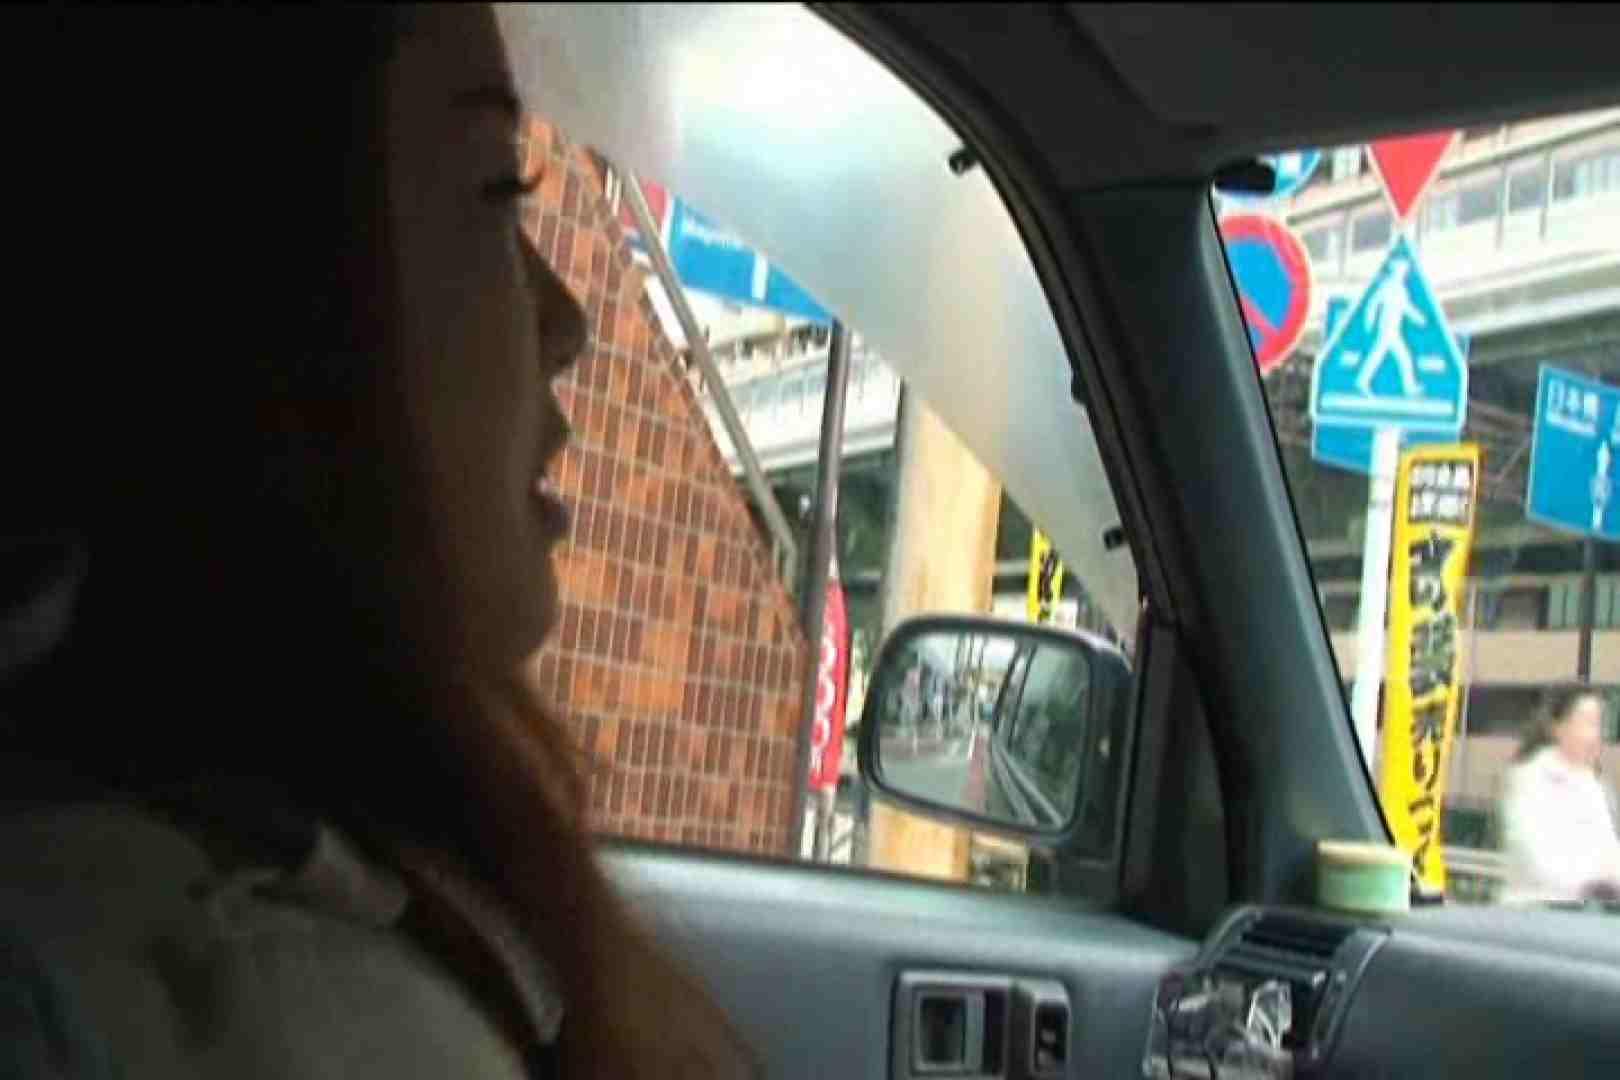 車内で初めまして! vol02 Hな女子大生 | エッチ  78pic 22